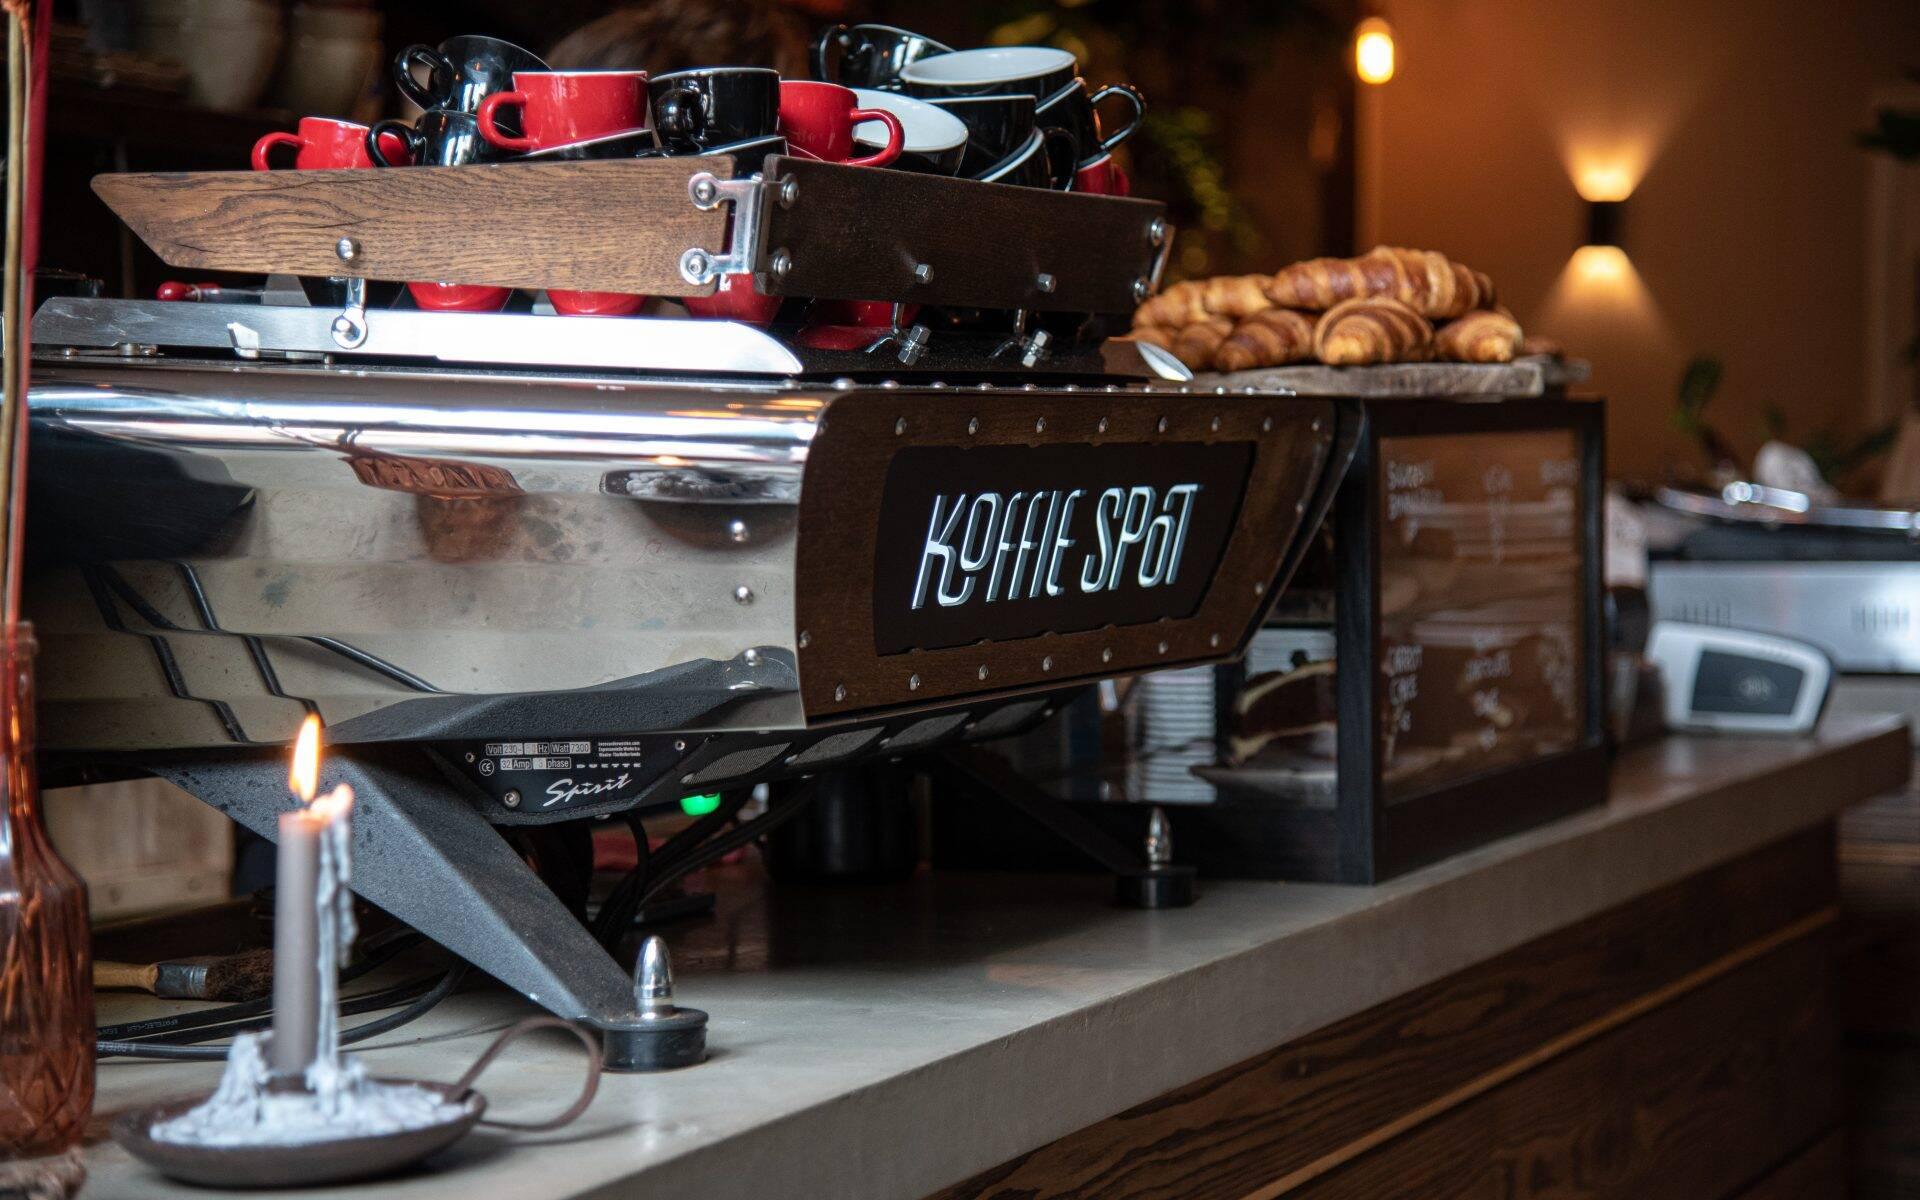 Koffiespot Amsterdam